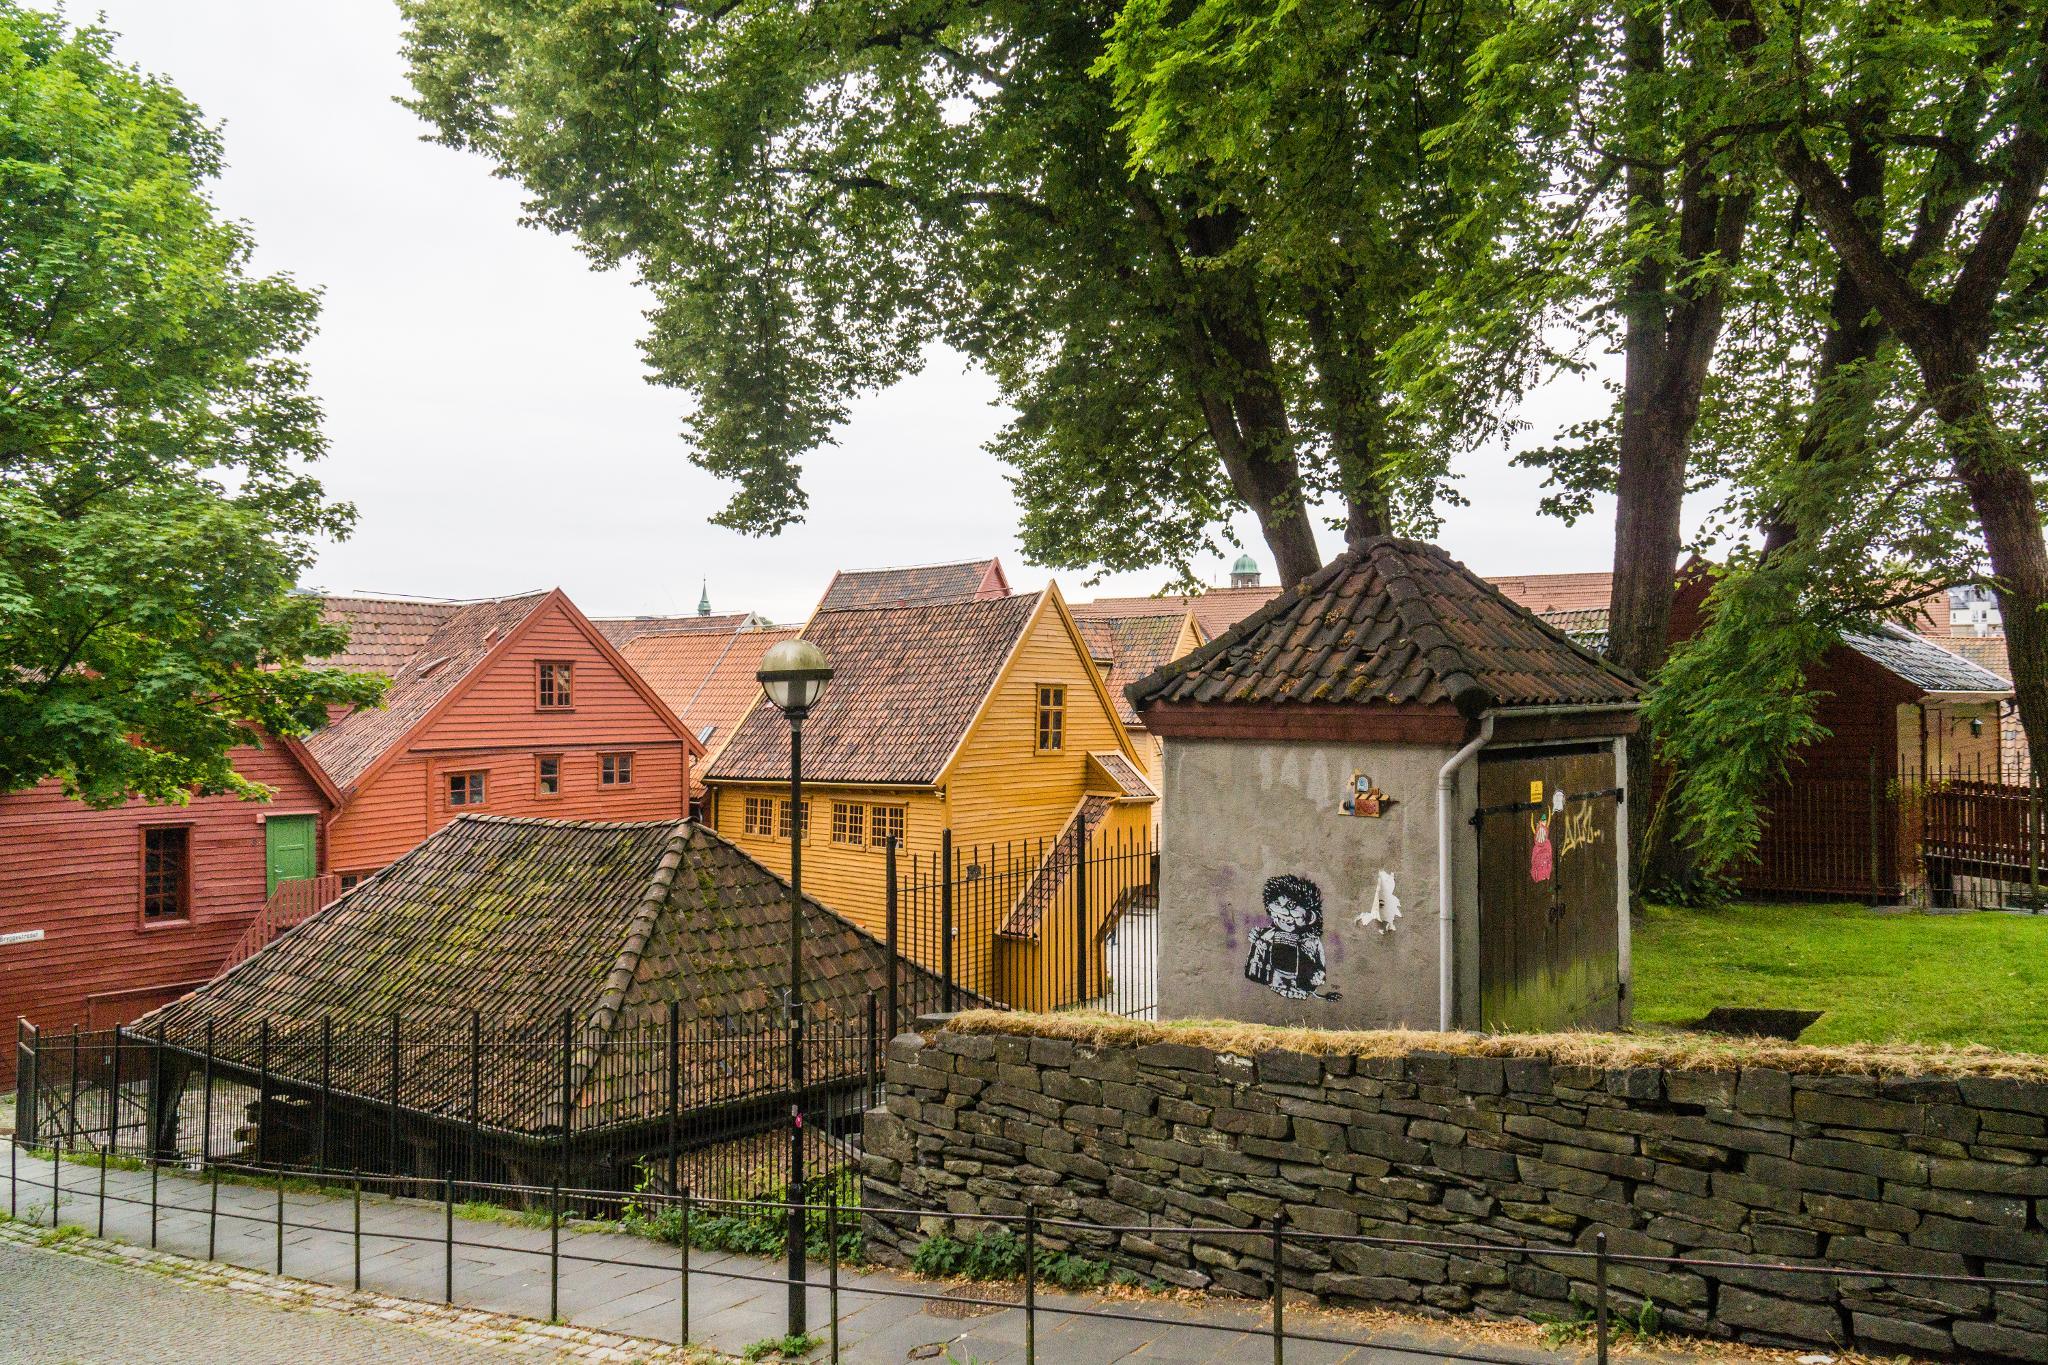 【卑爾根】Bryggen 世界遺產布呂根 — 迷失在百年歷史的挪威彩色木屋 32